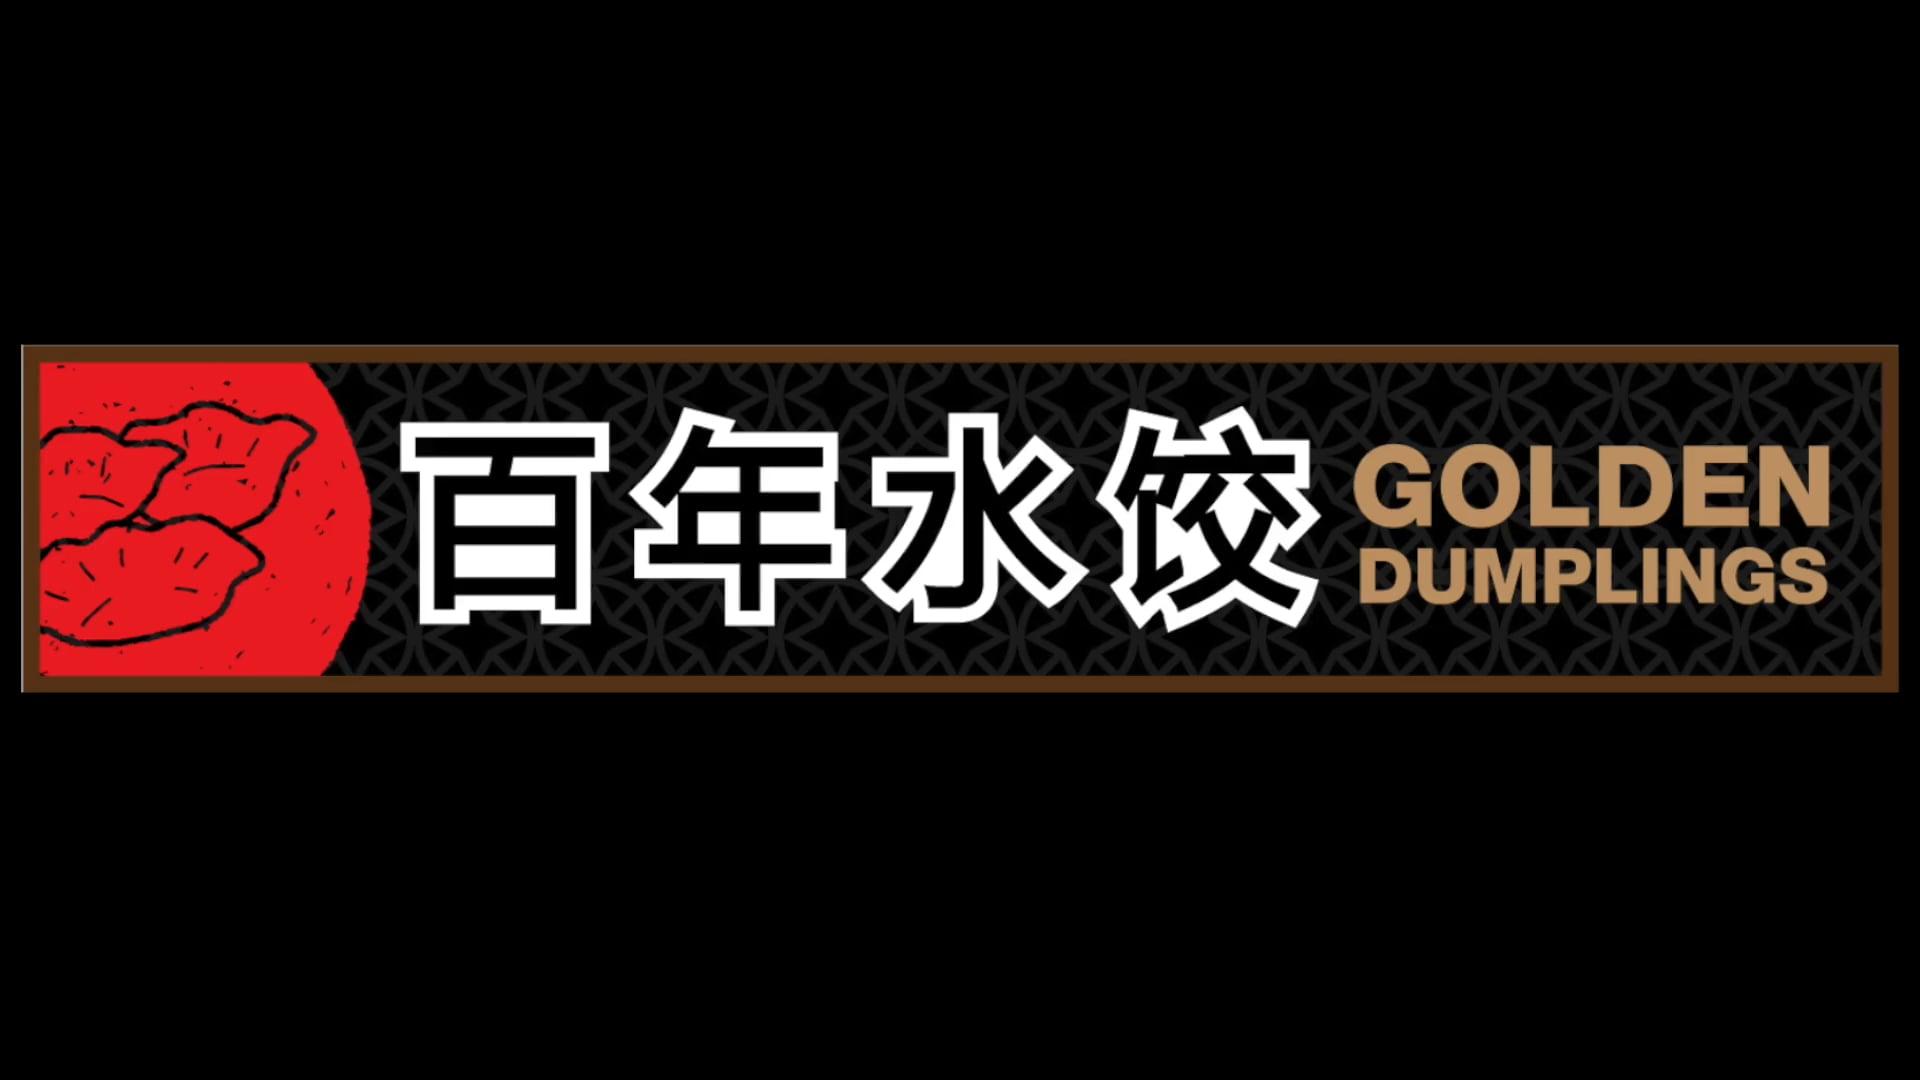 Golden Dumpling Cinema Ad